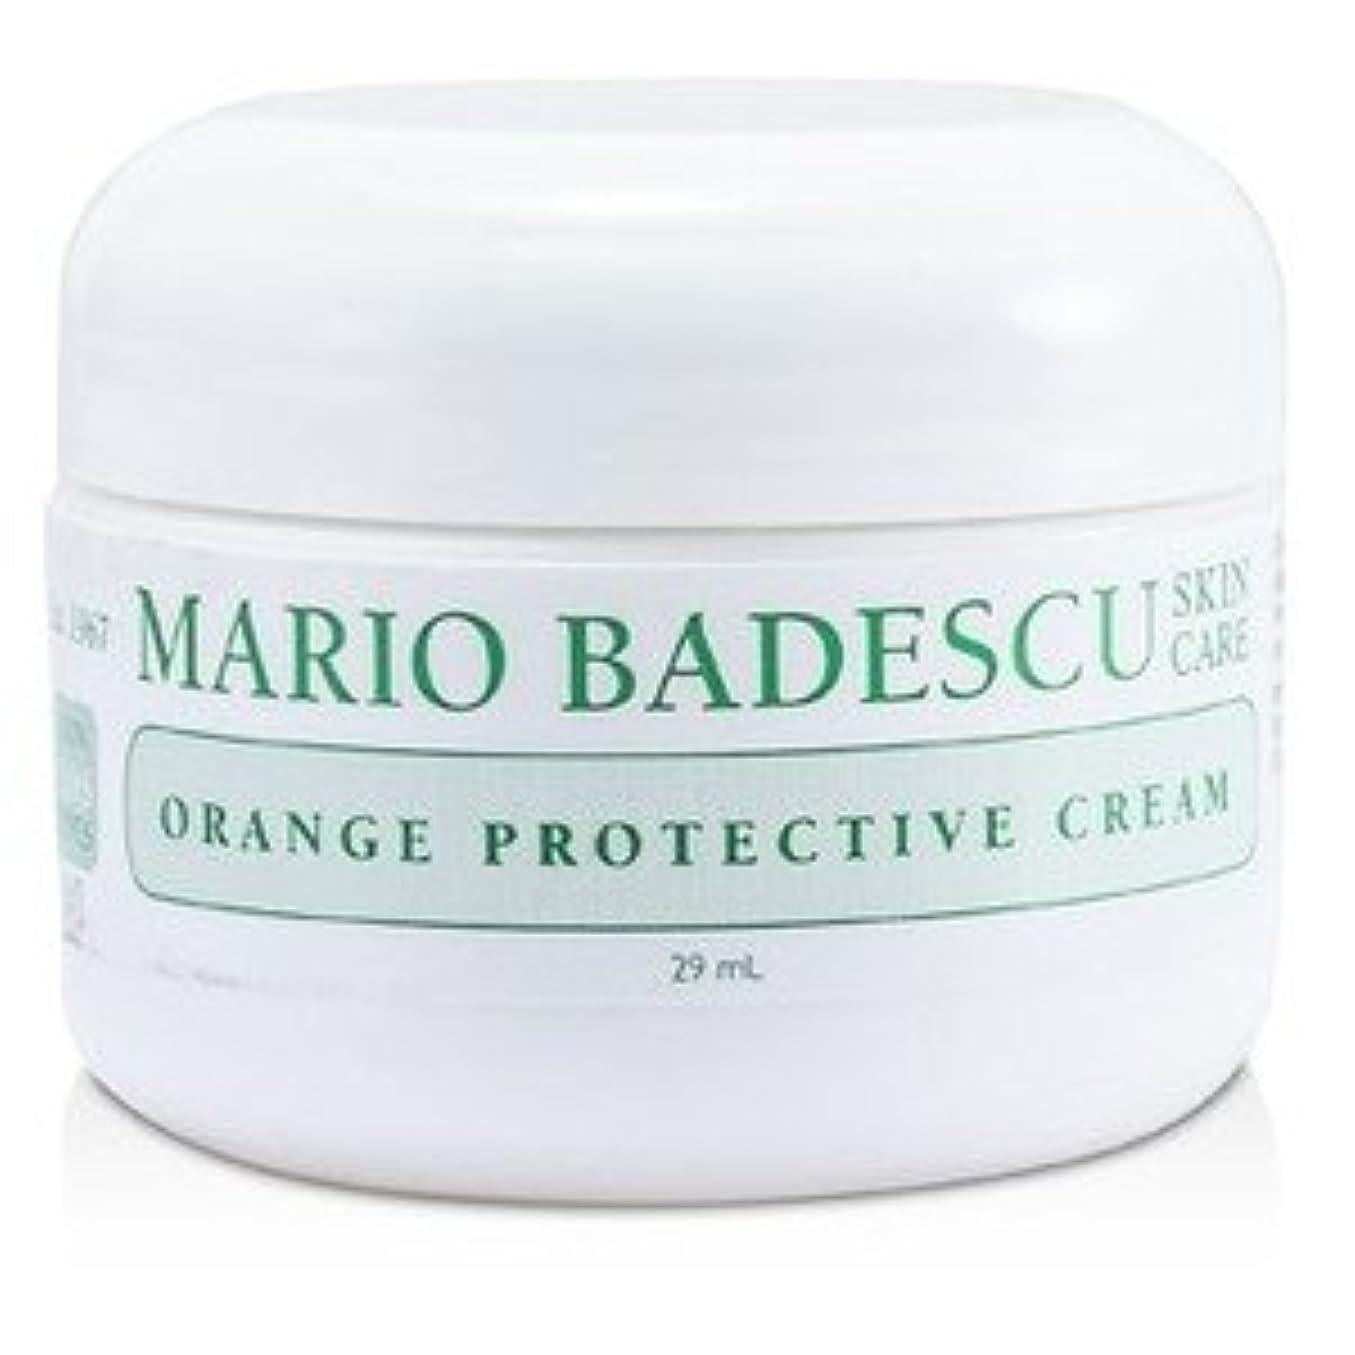 きらめきバイソン努力するMARIO BADESCU(マリオ バデスク) オレンジ プロテクティブ クリーム 29ml/1oz [並行輸入品]